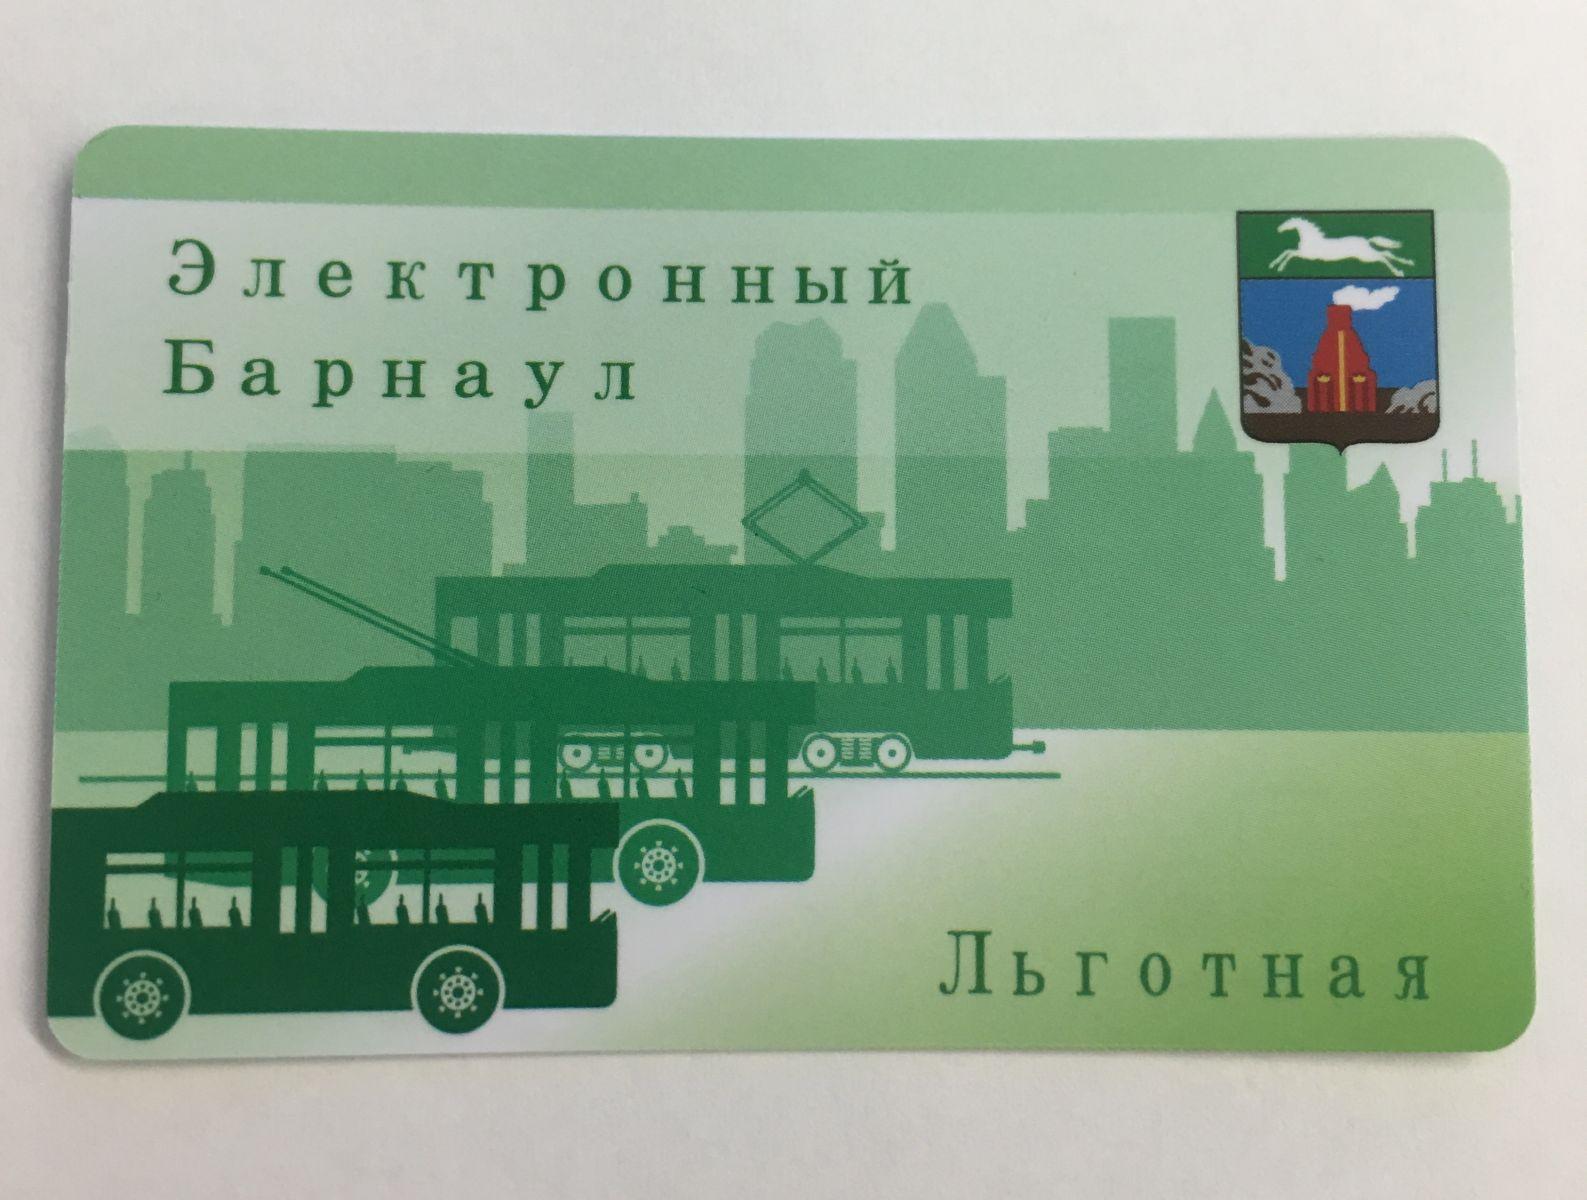 Мэрия Барнаула пересадит льготников бумажных проездных электронные